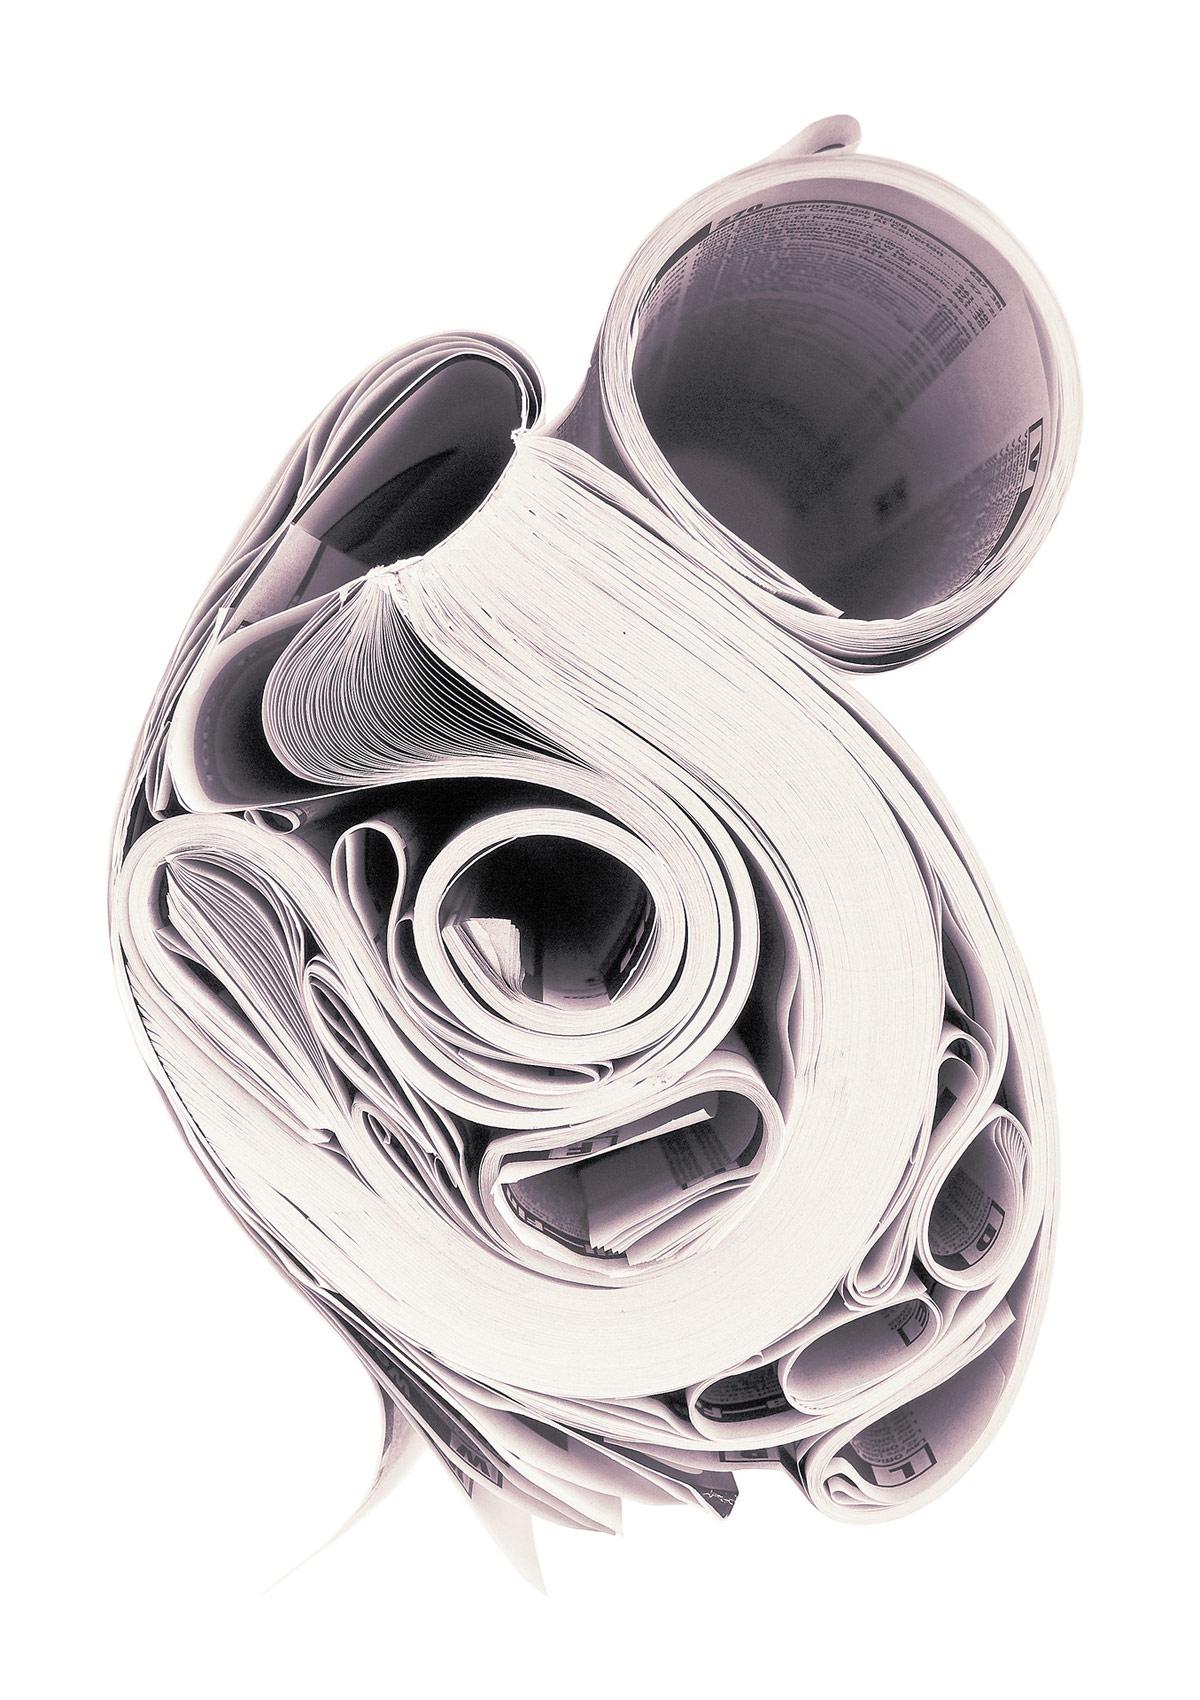 «Изобразительное искусство и коммерческий фотограф», © Алекс Виньоли / Alex Vignoli, Ветер Милл, США, Финалист категории «Вещи», Фотоконкурс «Одна жизнь» — One Life Awards